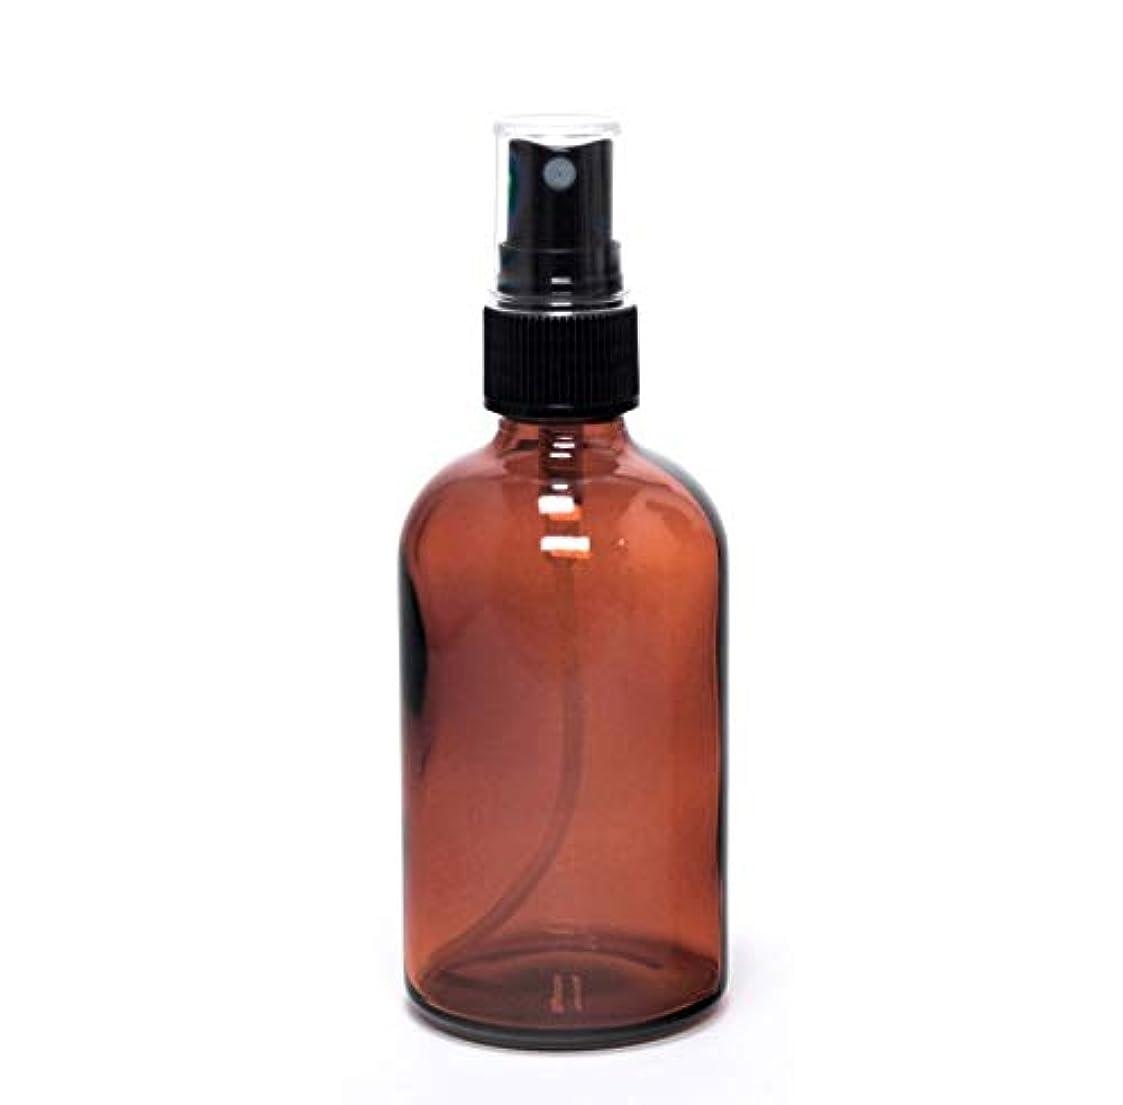 型モザイクホテル遮光瓶 蓄圧式ミストのスプレーボトル 100ml / アンバー( 硝子製?アトマイザー )ブラックヘッド × 1本 / アロマスプレー用